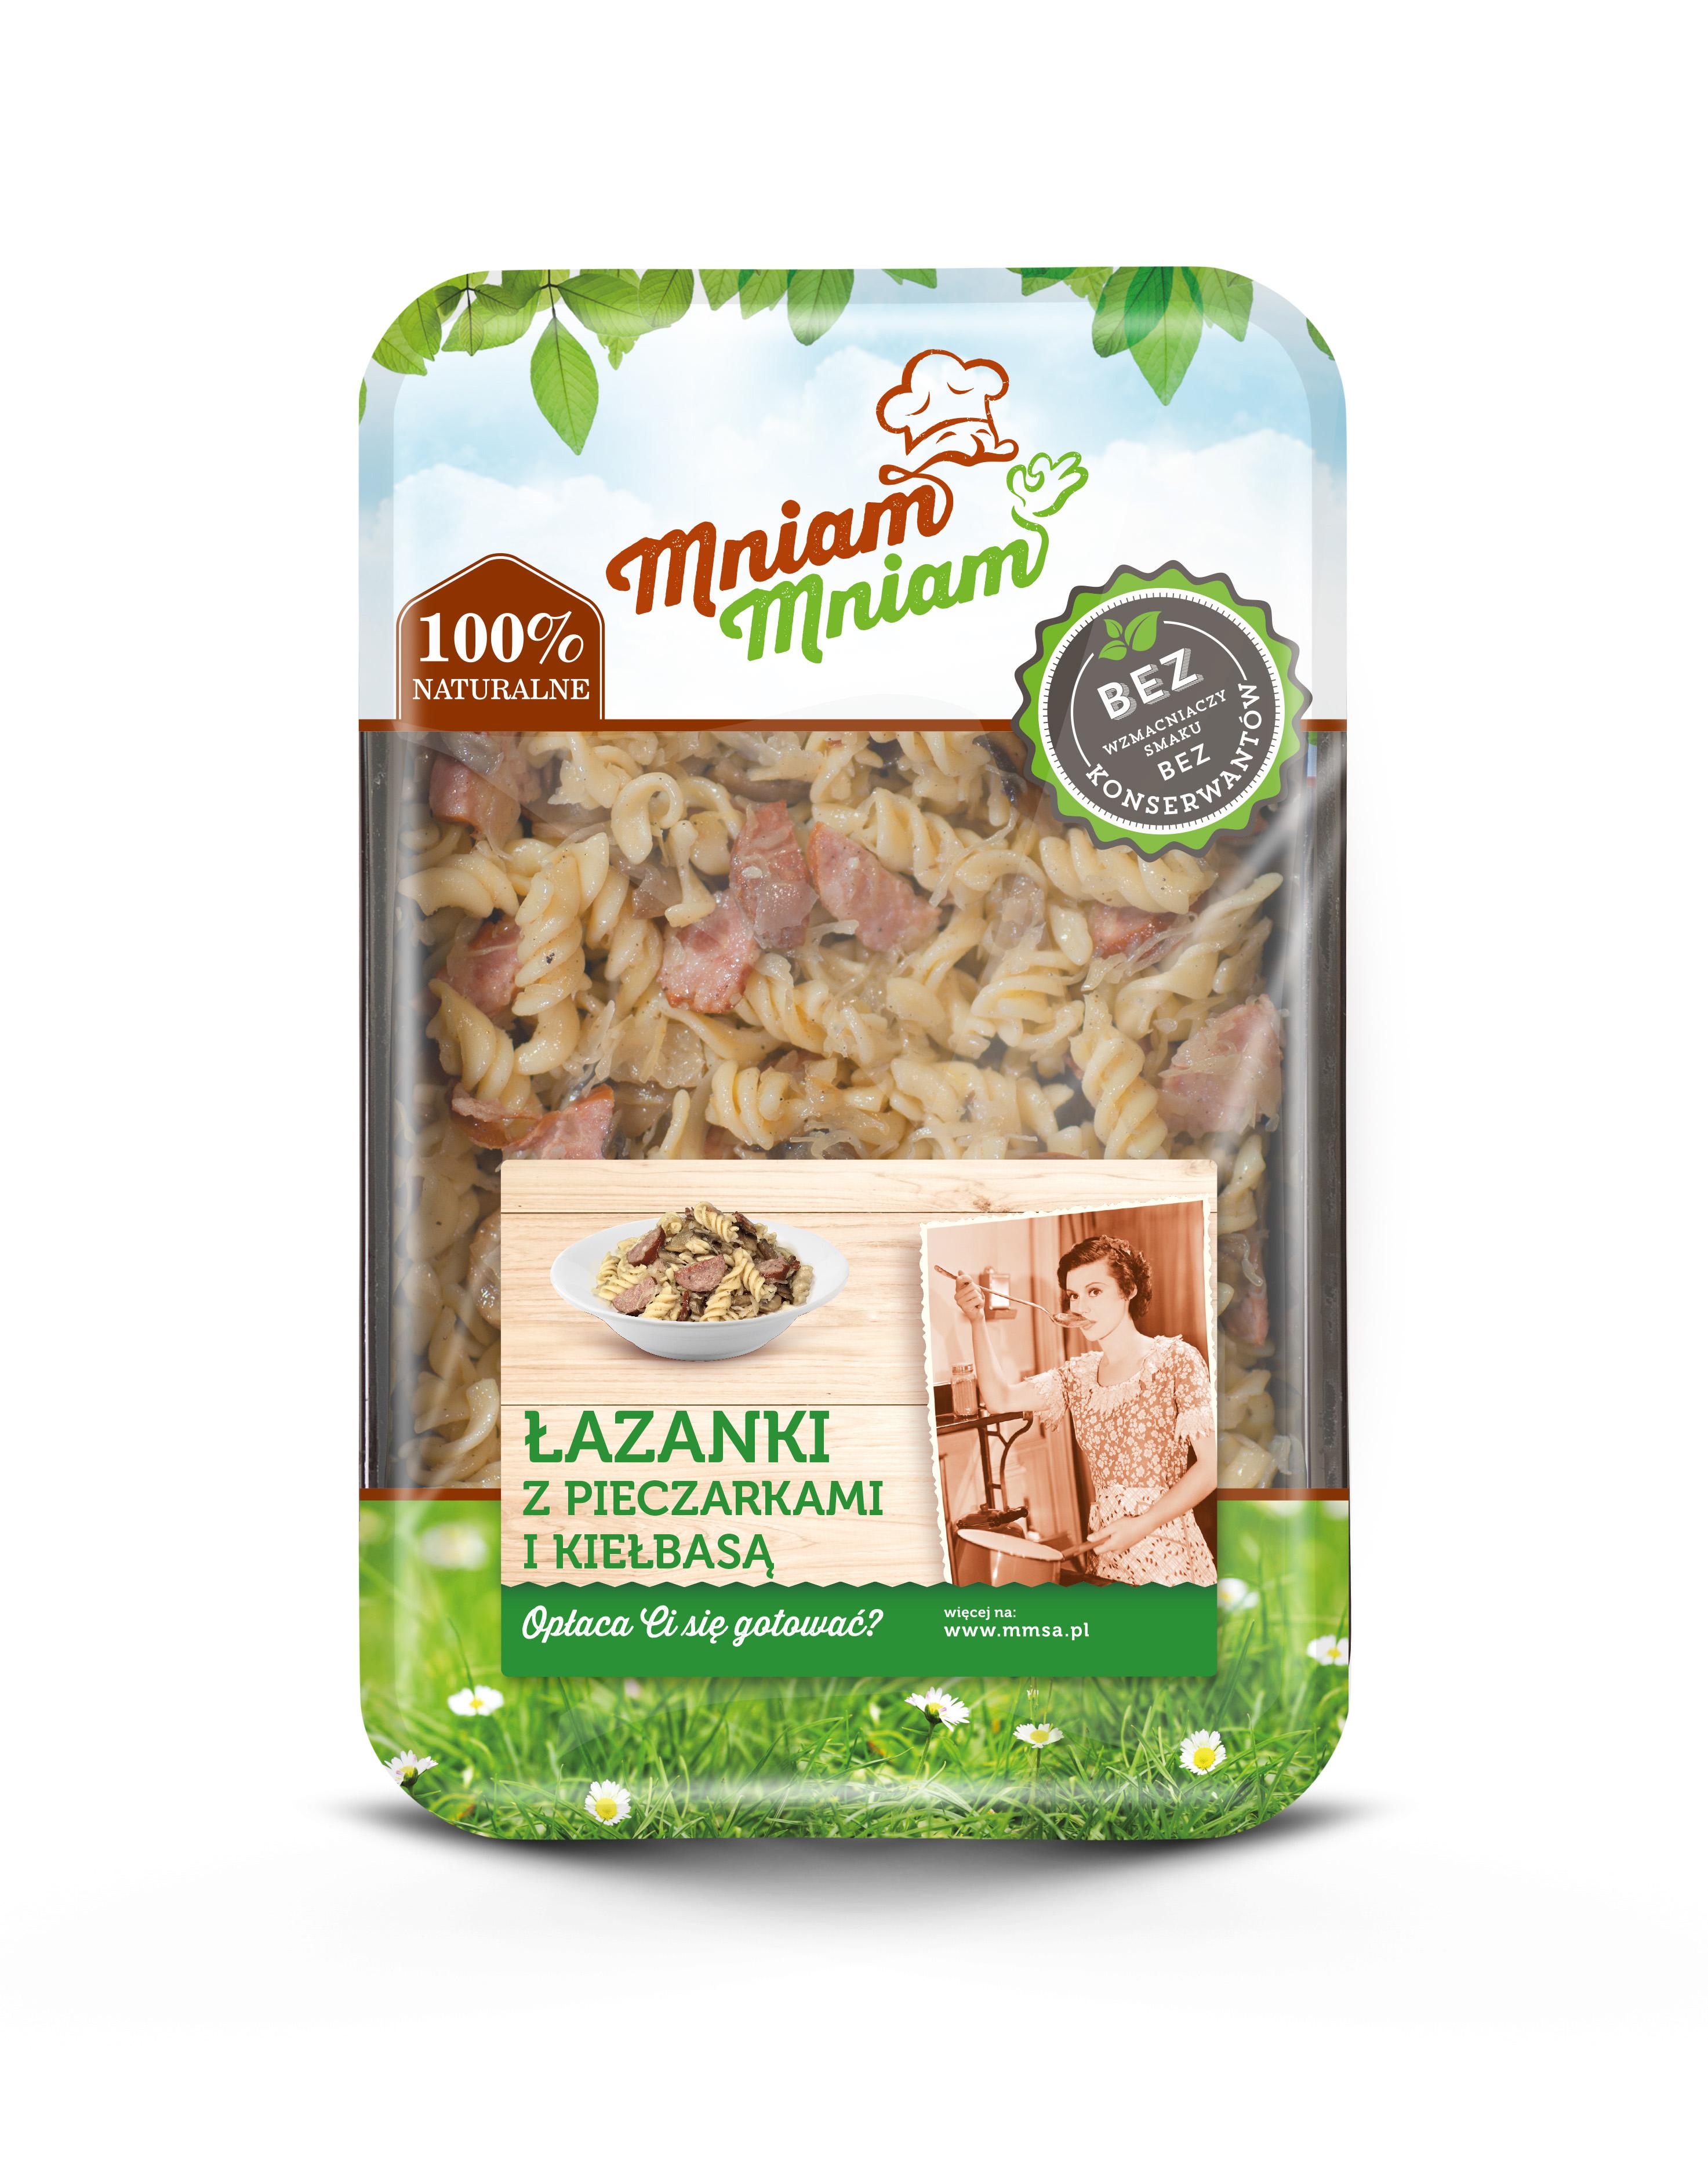 Lasanki - Polnisches Sauerkraut mit Wurst und Pilzen - Nudeln Gericht 400g Handgemacht von MniamMniam